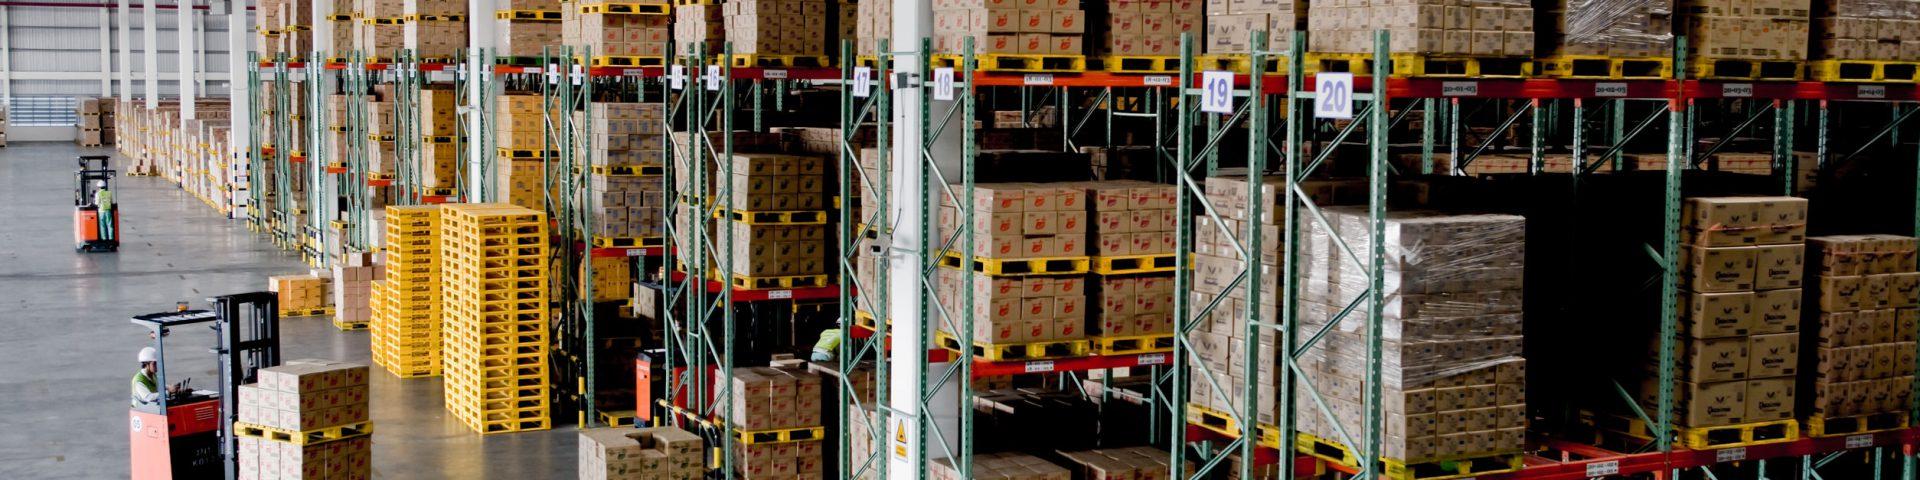 Modern Liquidation Services Warehouse